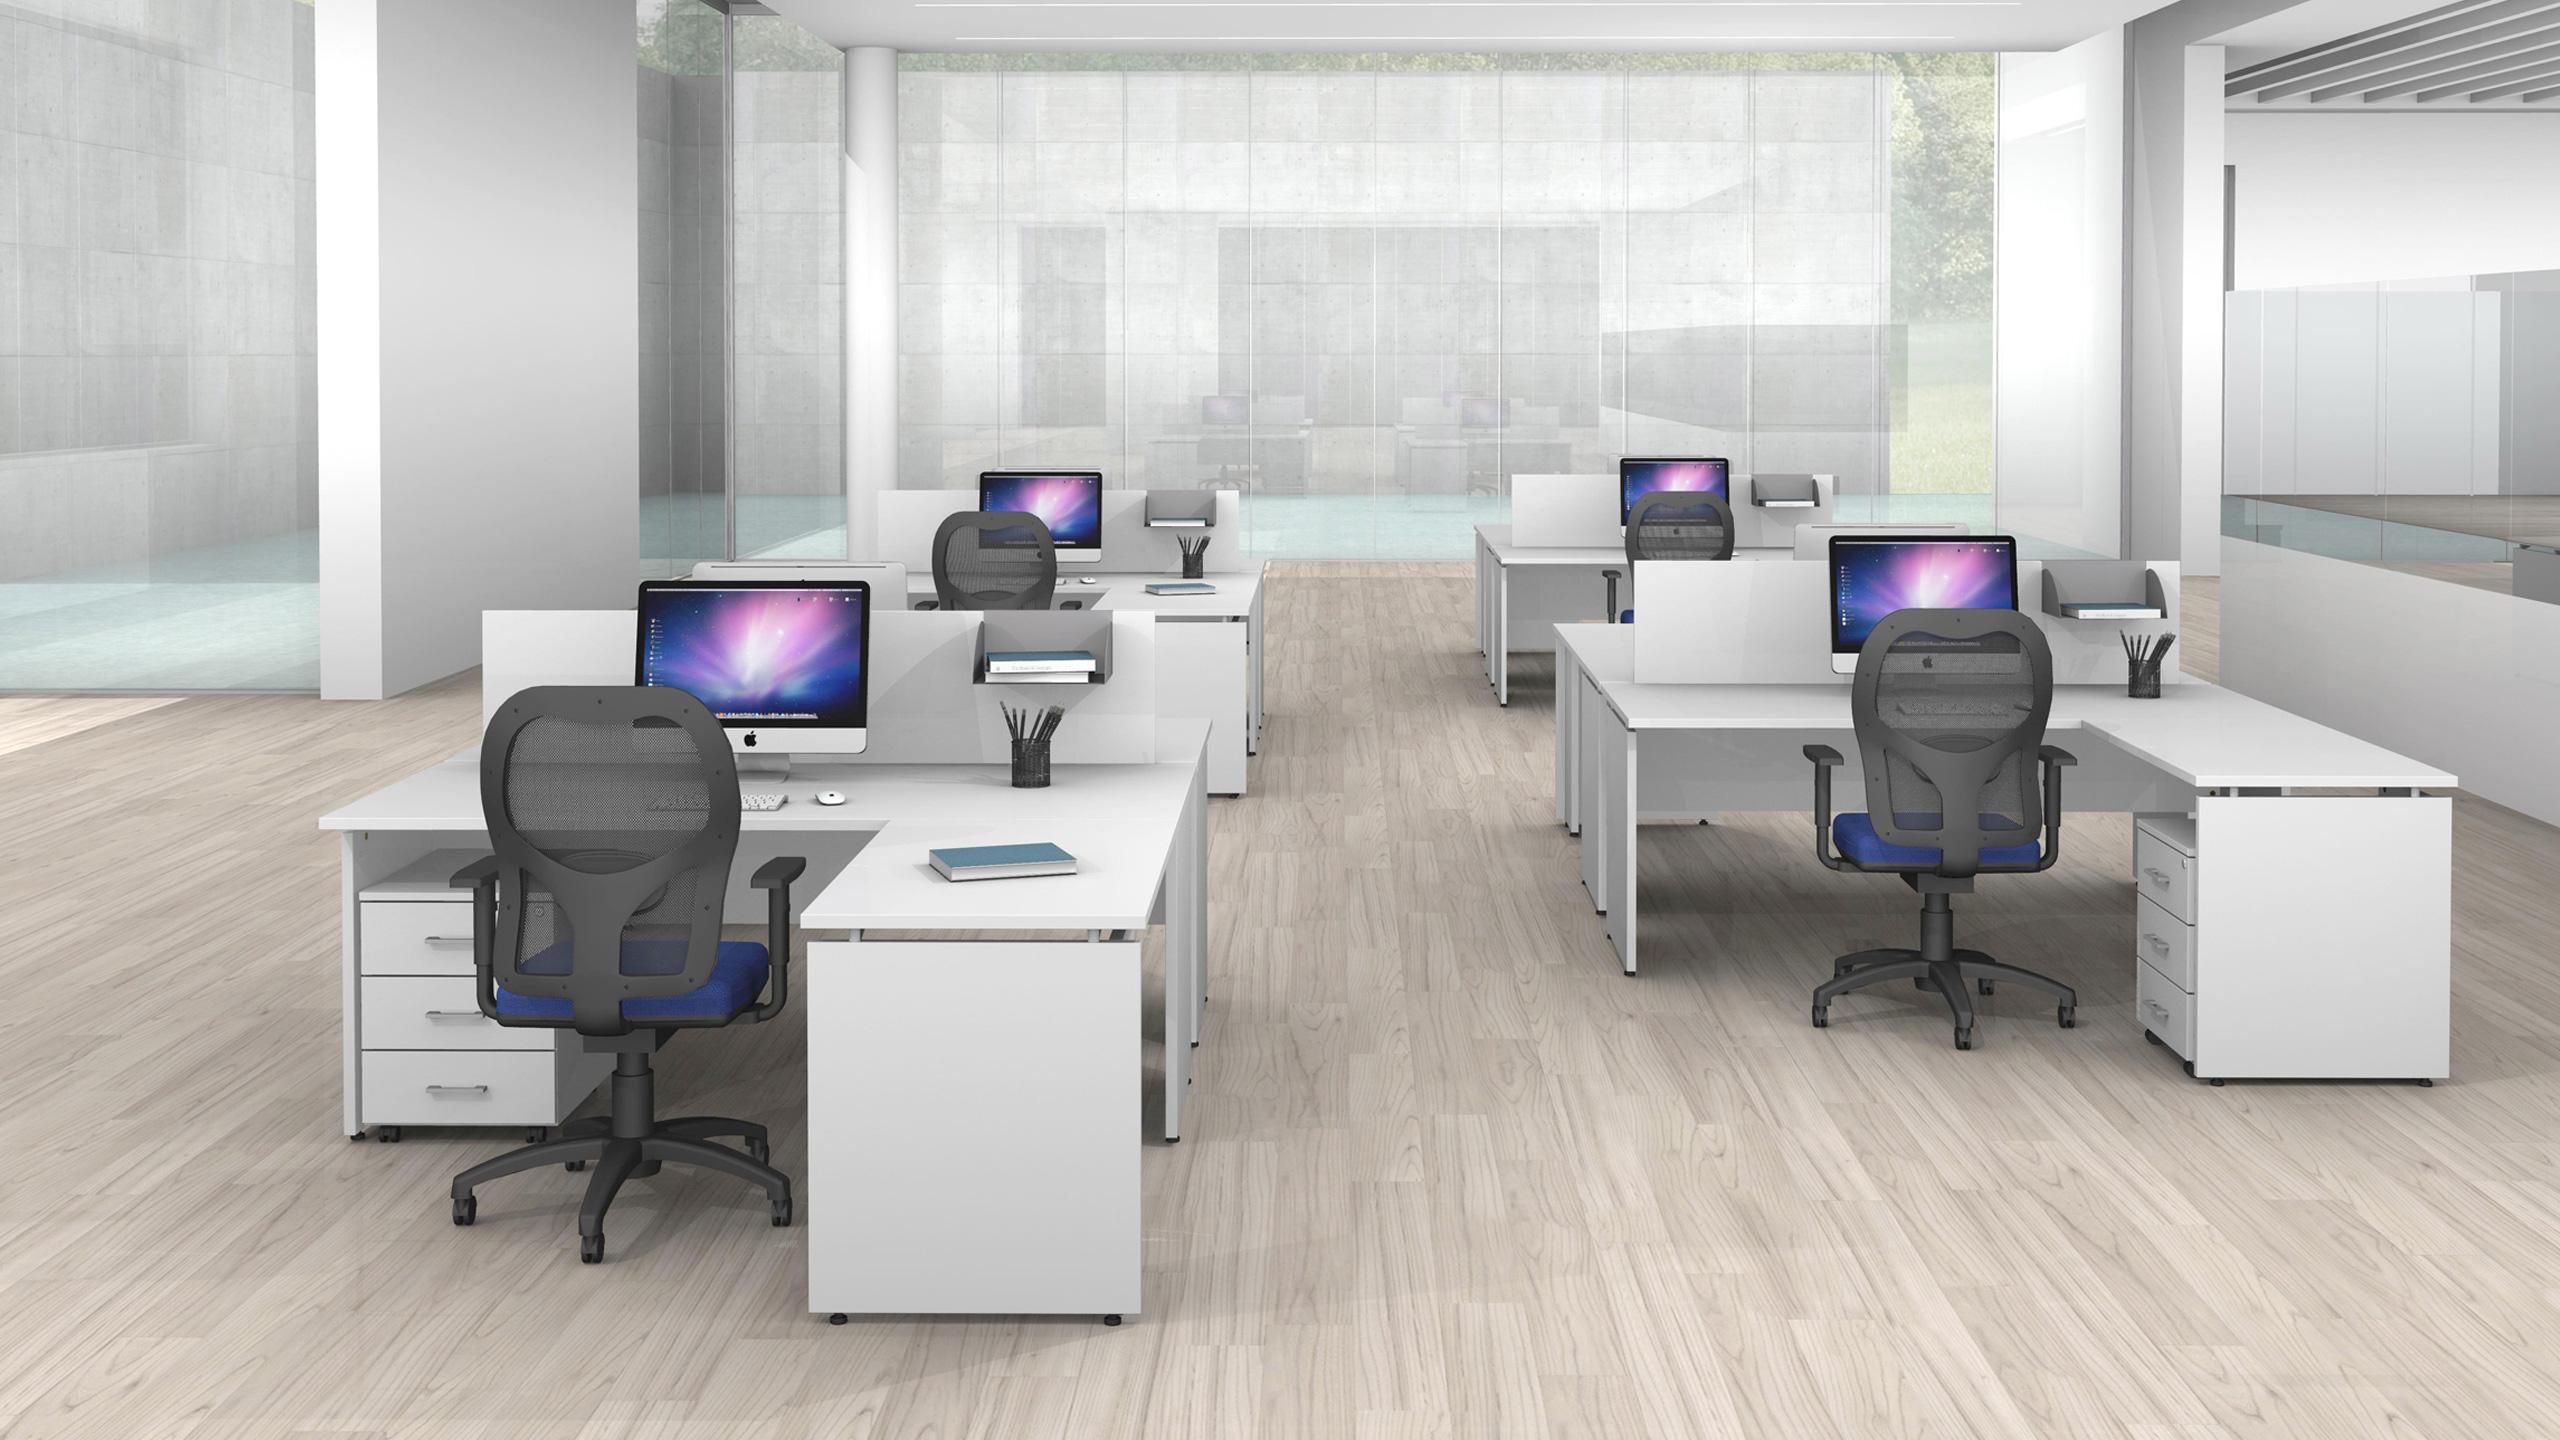 Mobili per ufficio napoli fumu for Mobili ufficio online outlet